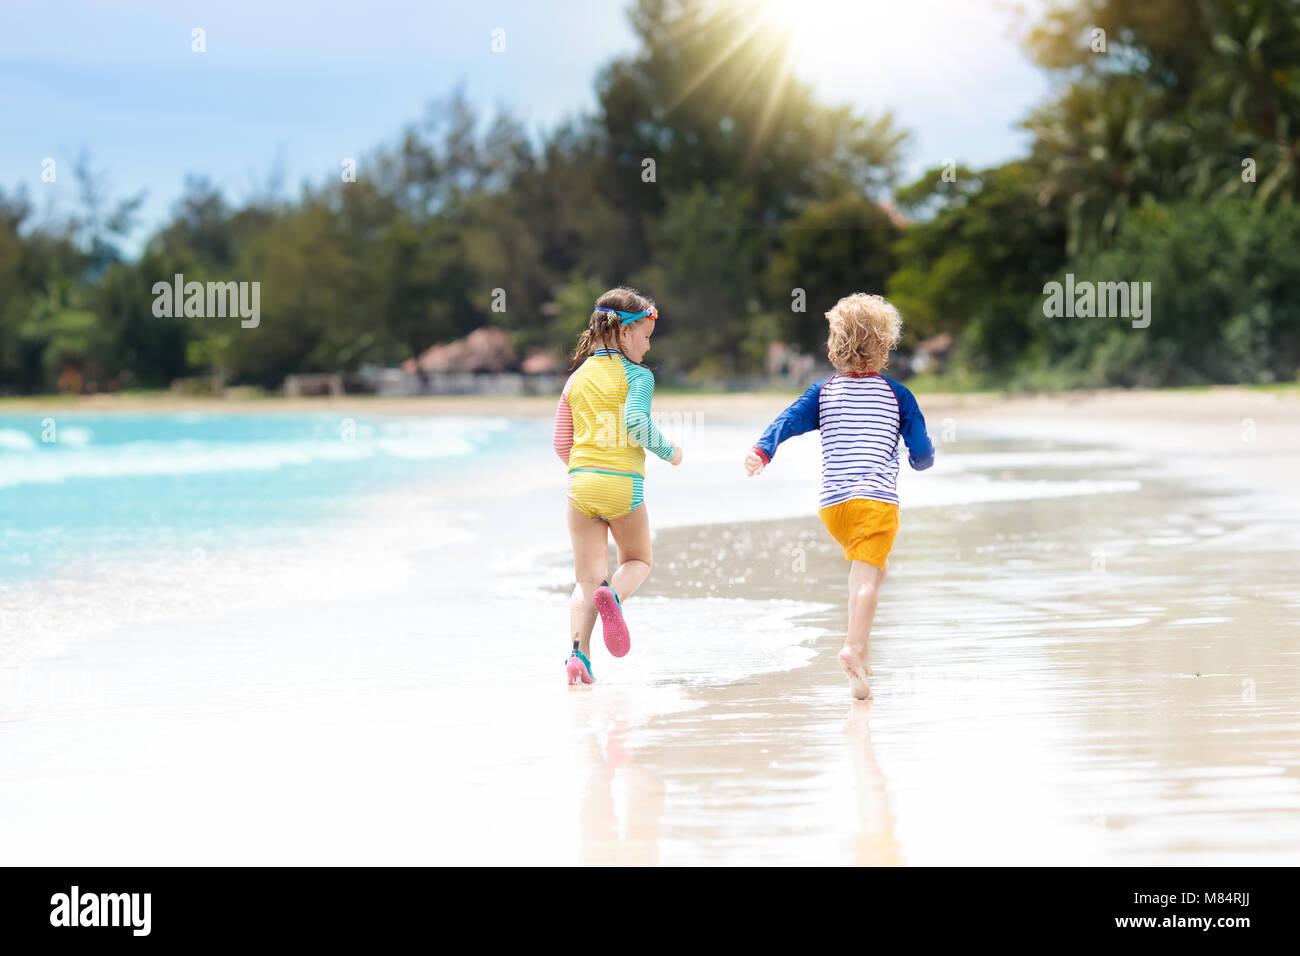 Niños Jugando En La Playa Tropical. Niña Excavando La